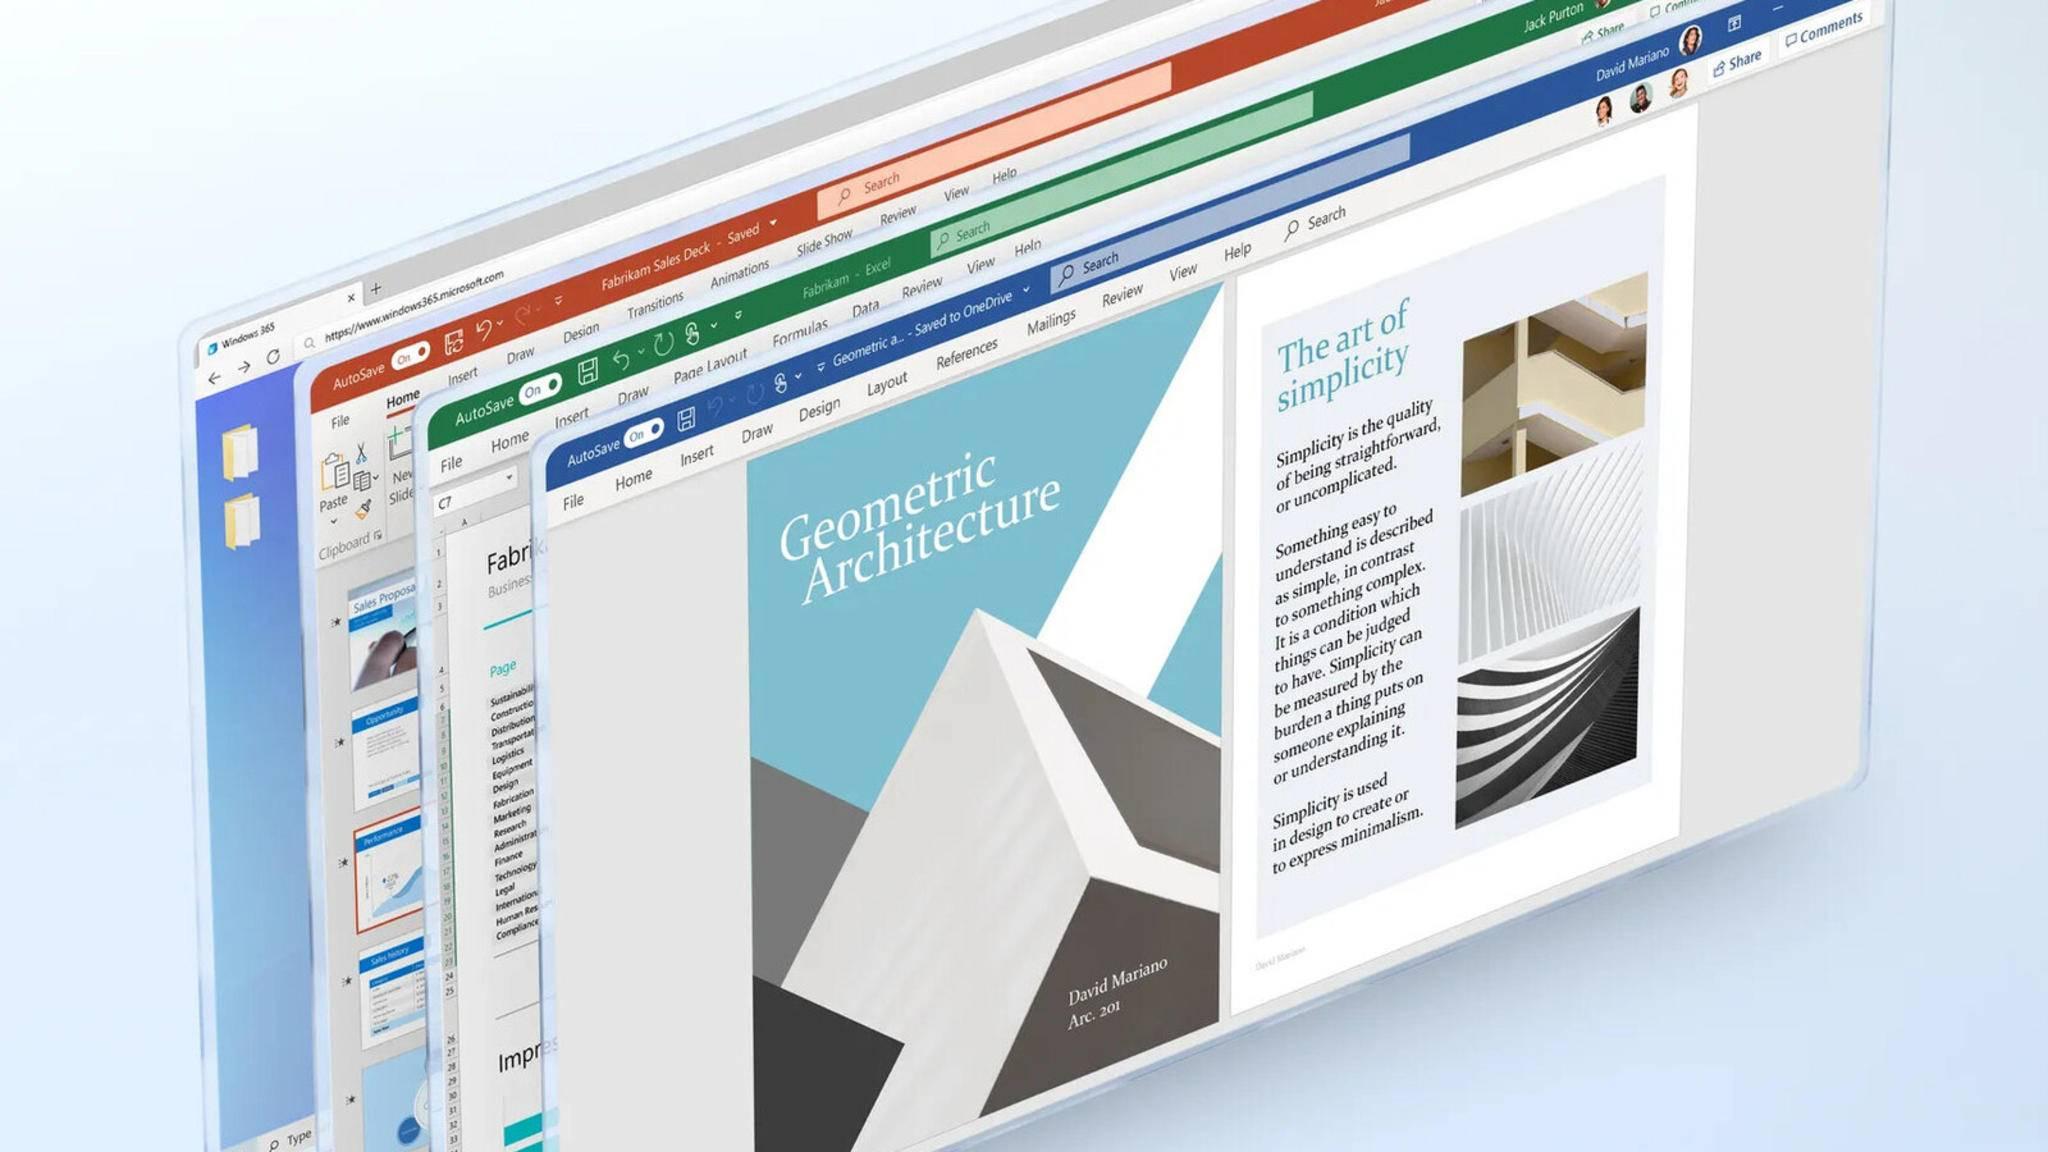 Der Zugriff auf Windows 365 ist von unterschiedlichsten Plattformen aus möglich.